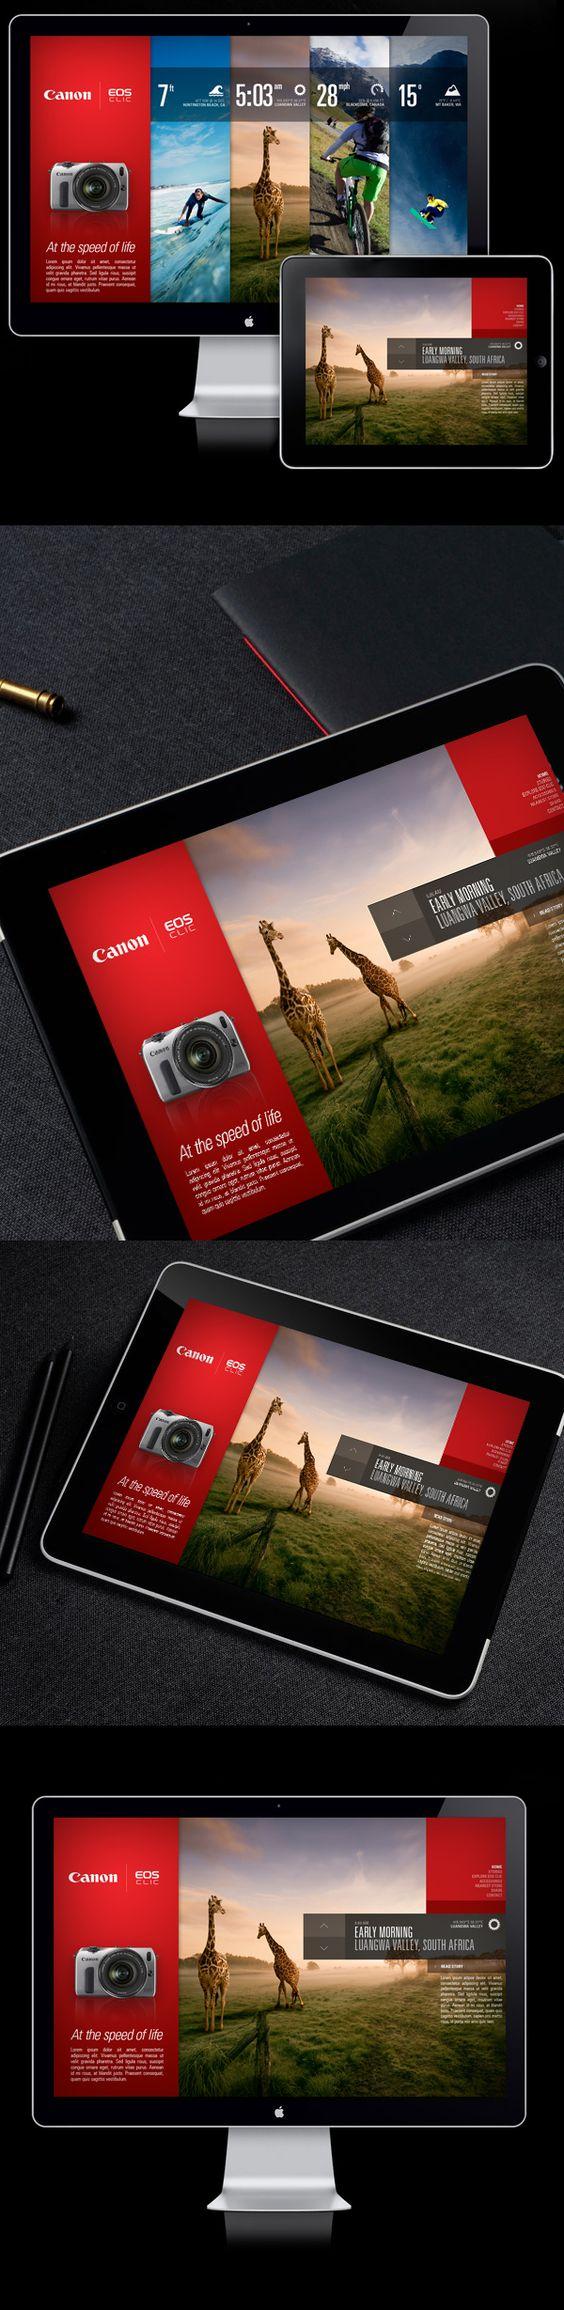 Canon EOS-M / Campaign Microsite